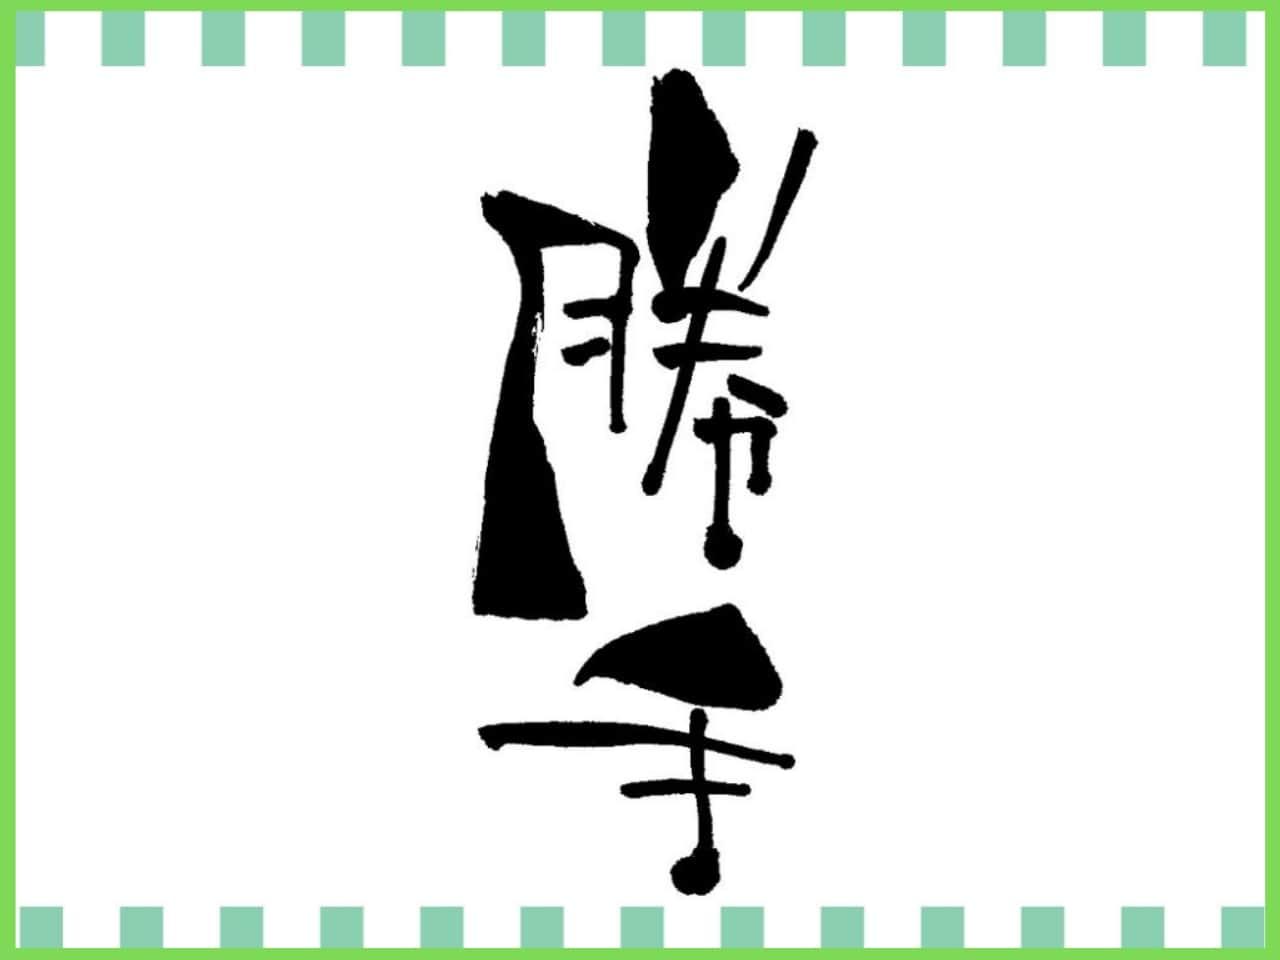 勝手と毛筆で書かれた漢字